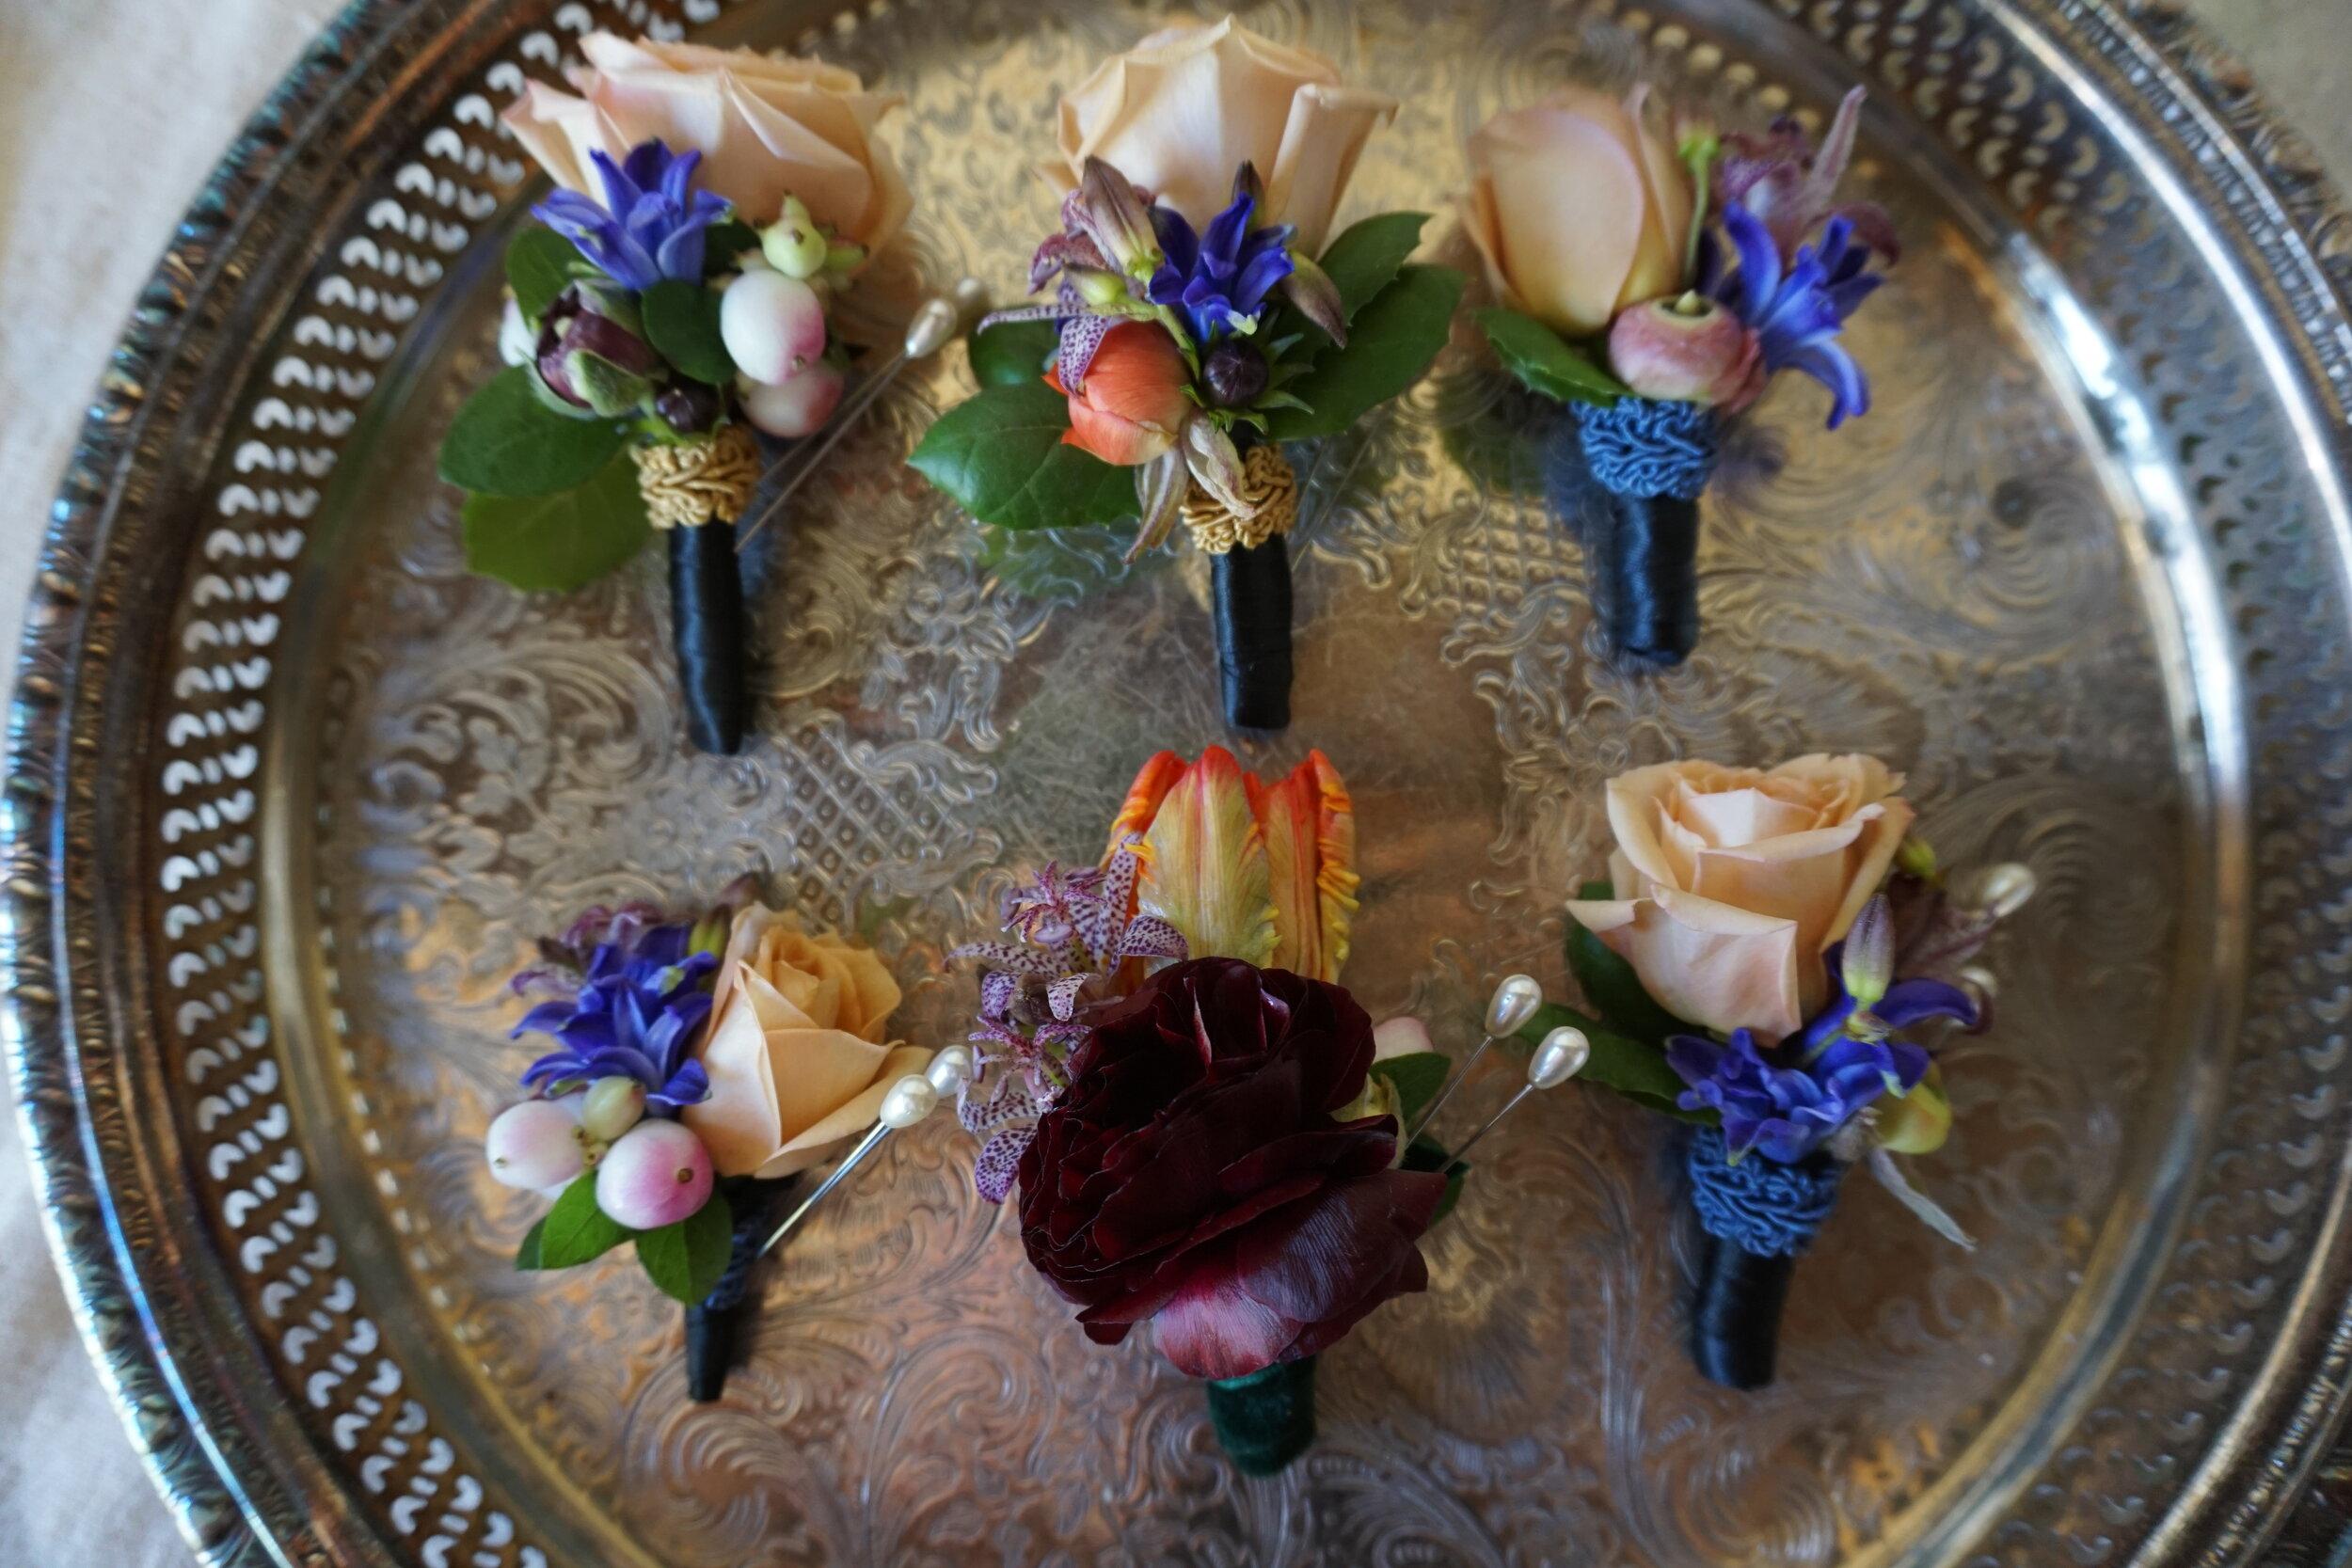 Botanicamuse by Madeleine Shelton Dutch Masters The Guild Hotel Luxury Wedding